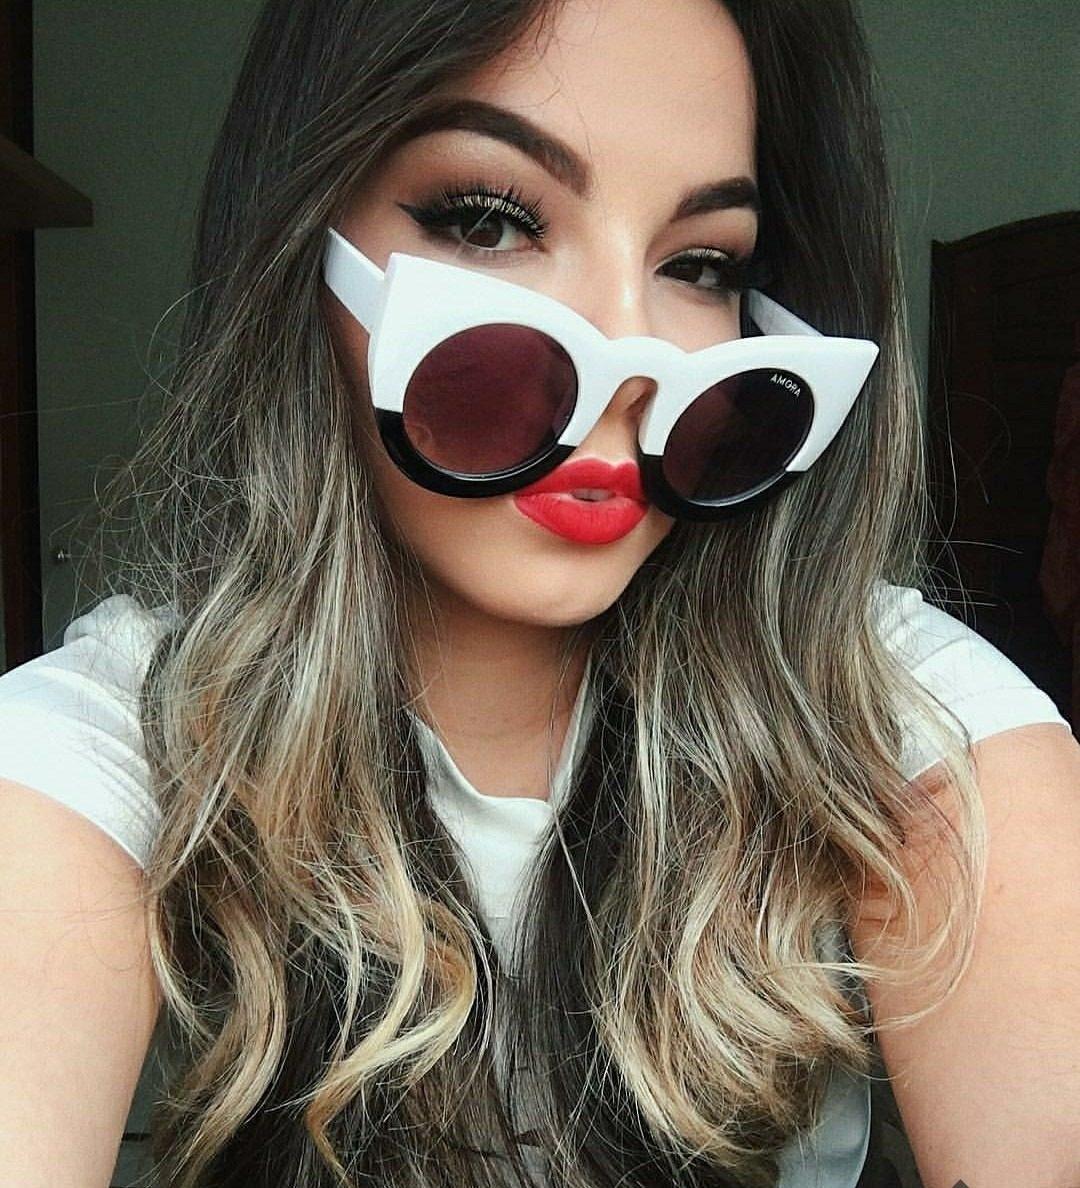 bf67913c88642 óculos grande feminino das blogueiras moda modelo gatinho uv. Carregando  zoom.